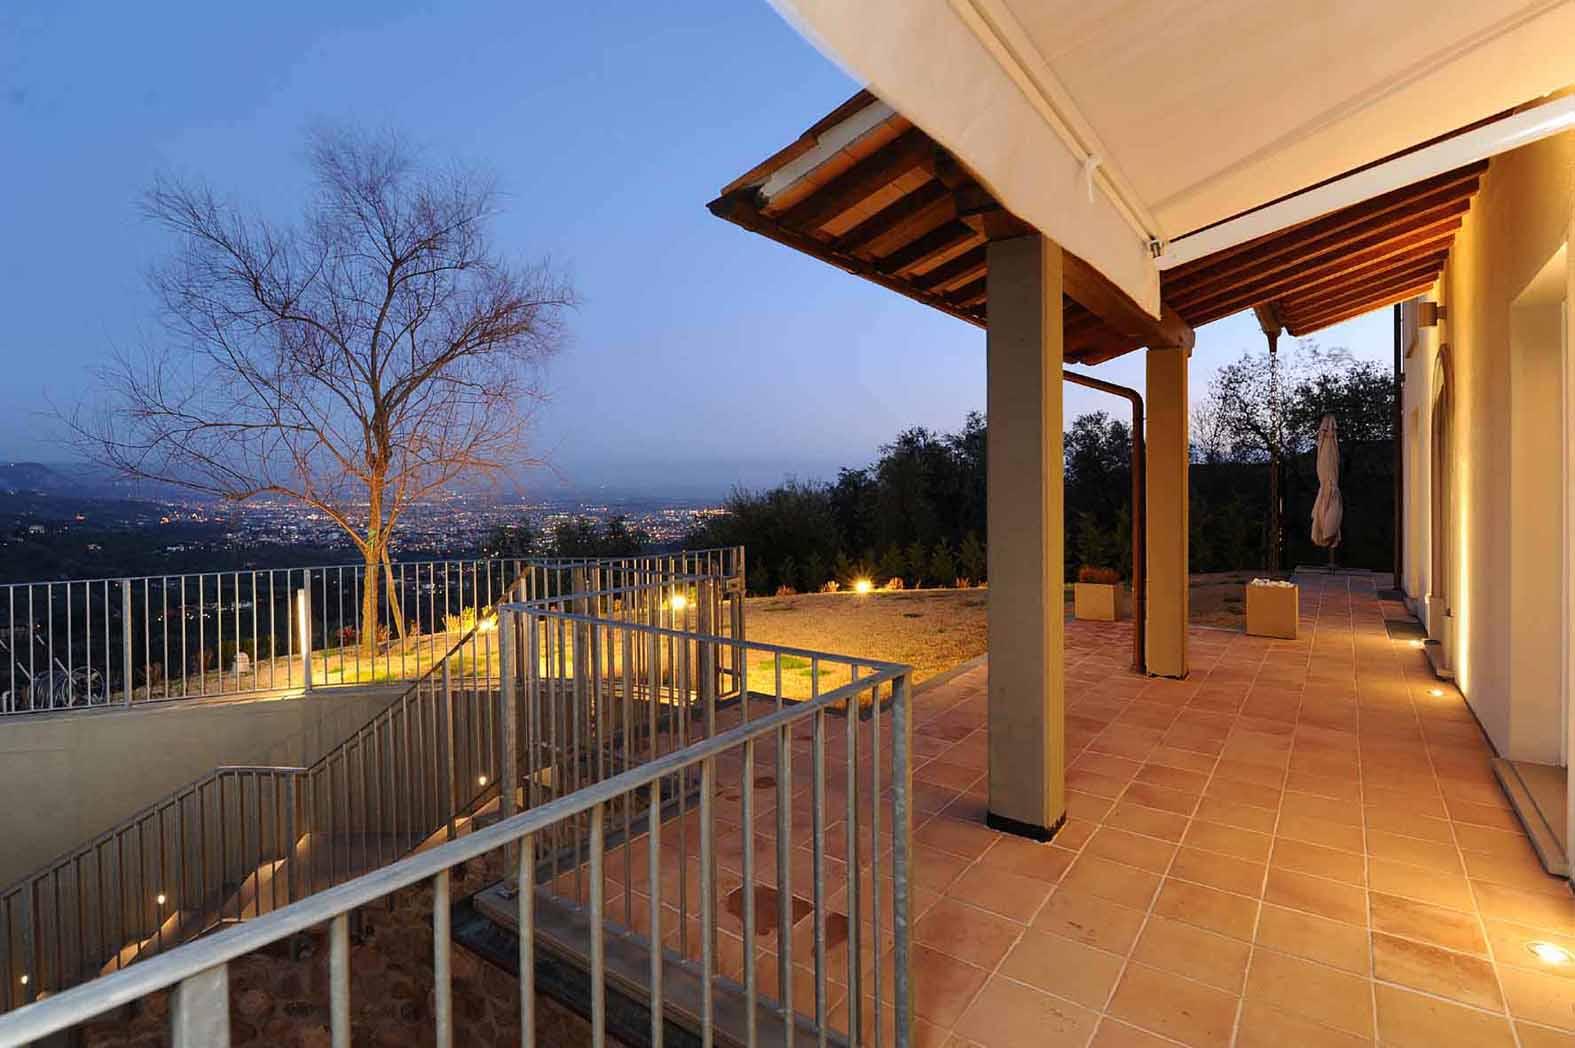 Villa Bifamiliare in Vendita a Massa e Cozzile